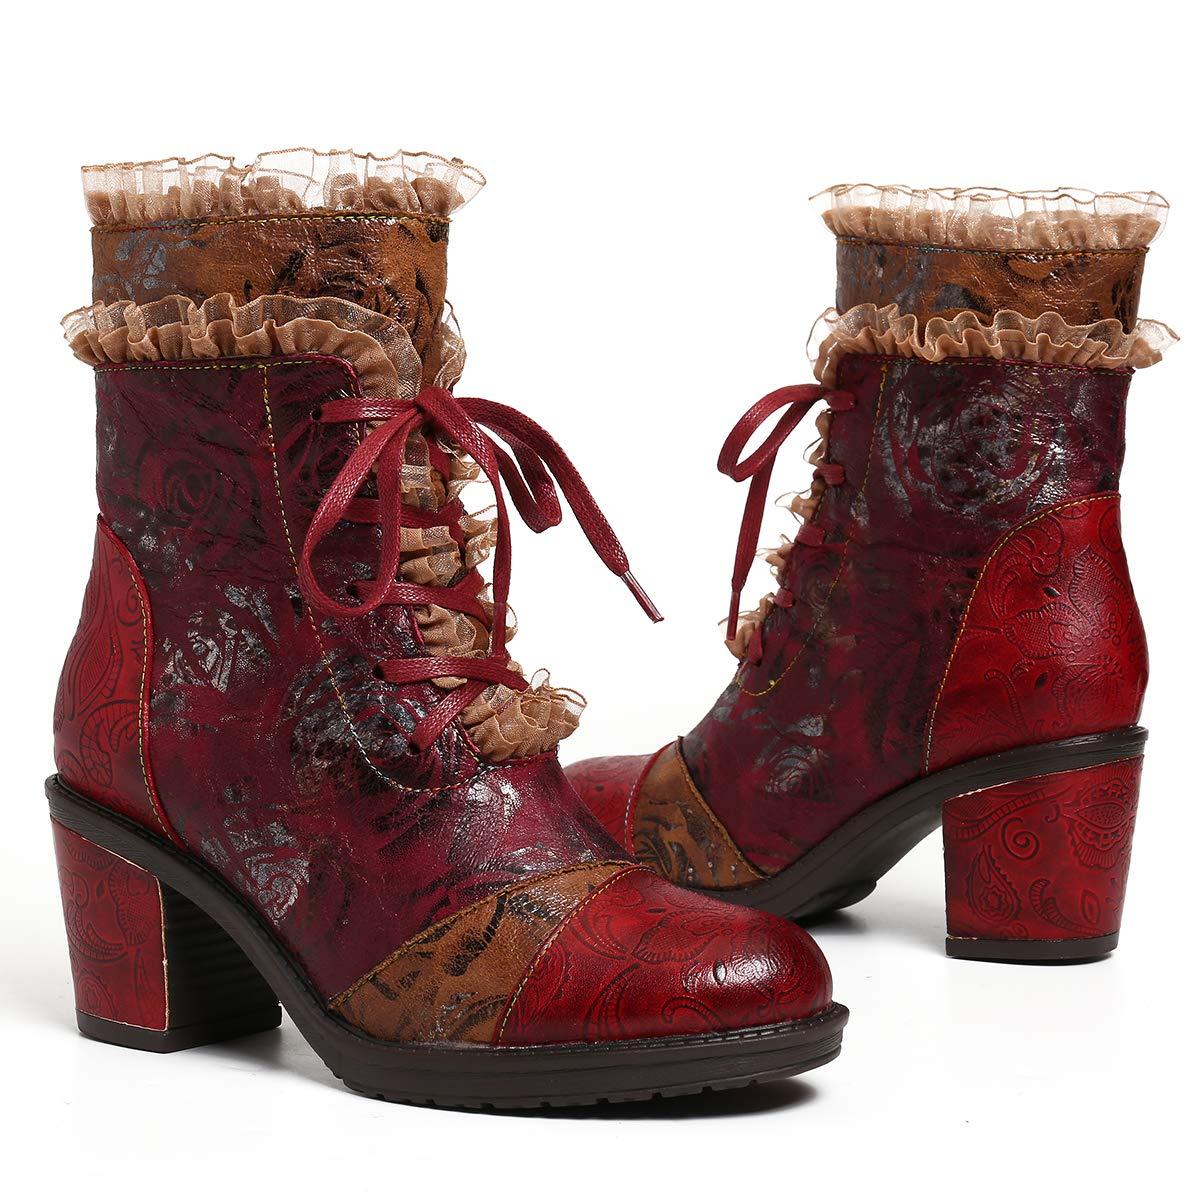 Gracosy Bottines Cuir Talons Femmes Boots Hiver /à Lacets en Cuir Rangers Chaussures de Ville Bottes /à Talons Hauts Confortable Originales